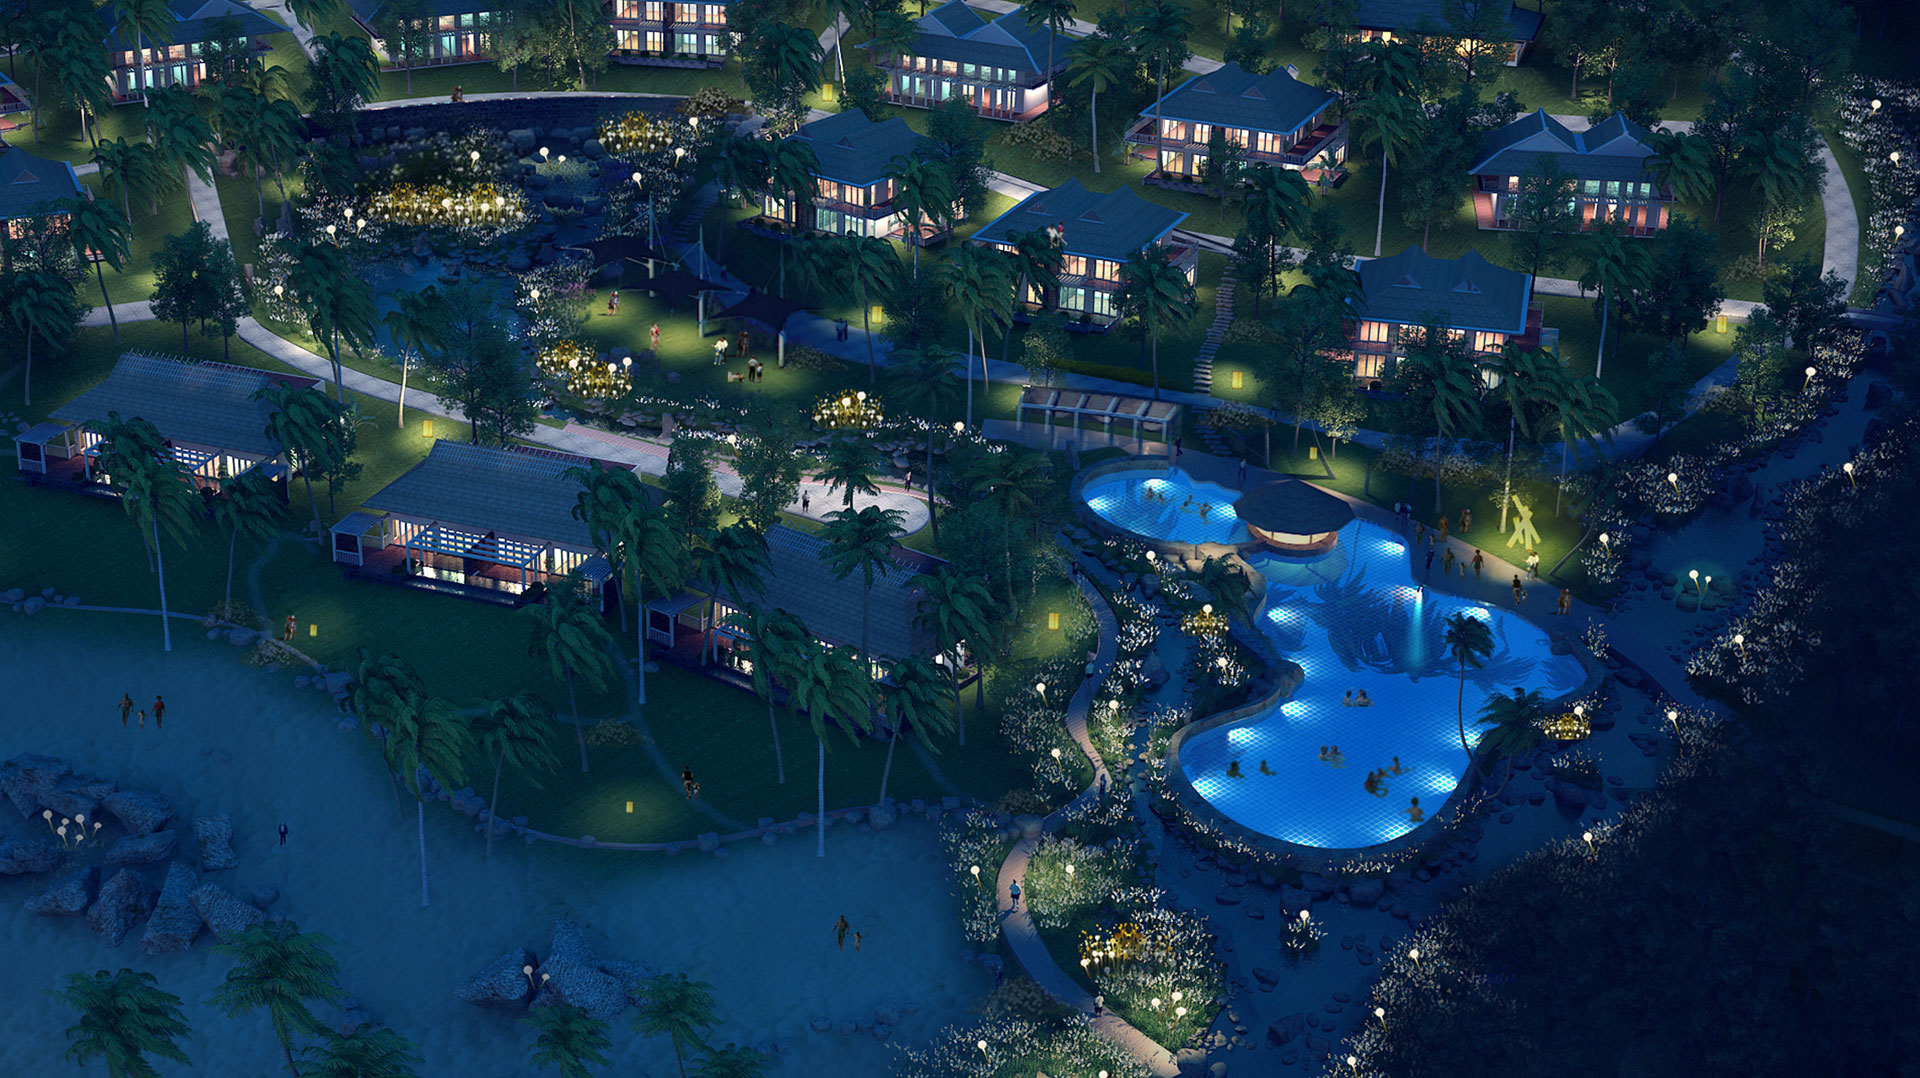 Phối cảnh đêm - Eden Landscape thiết kế cảnh quan Sơn Trà Resort